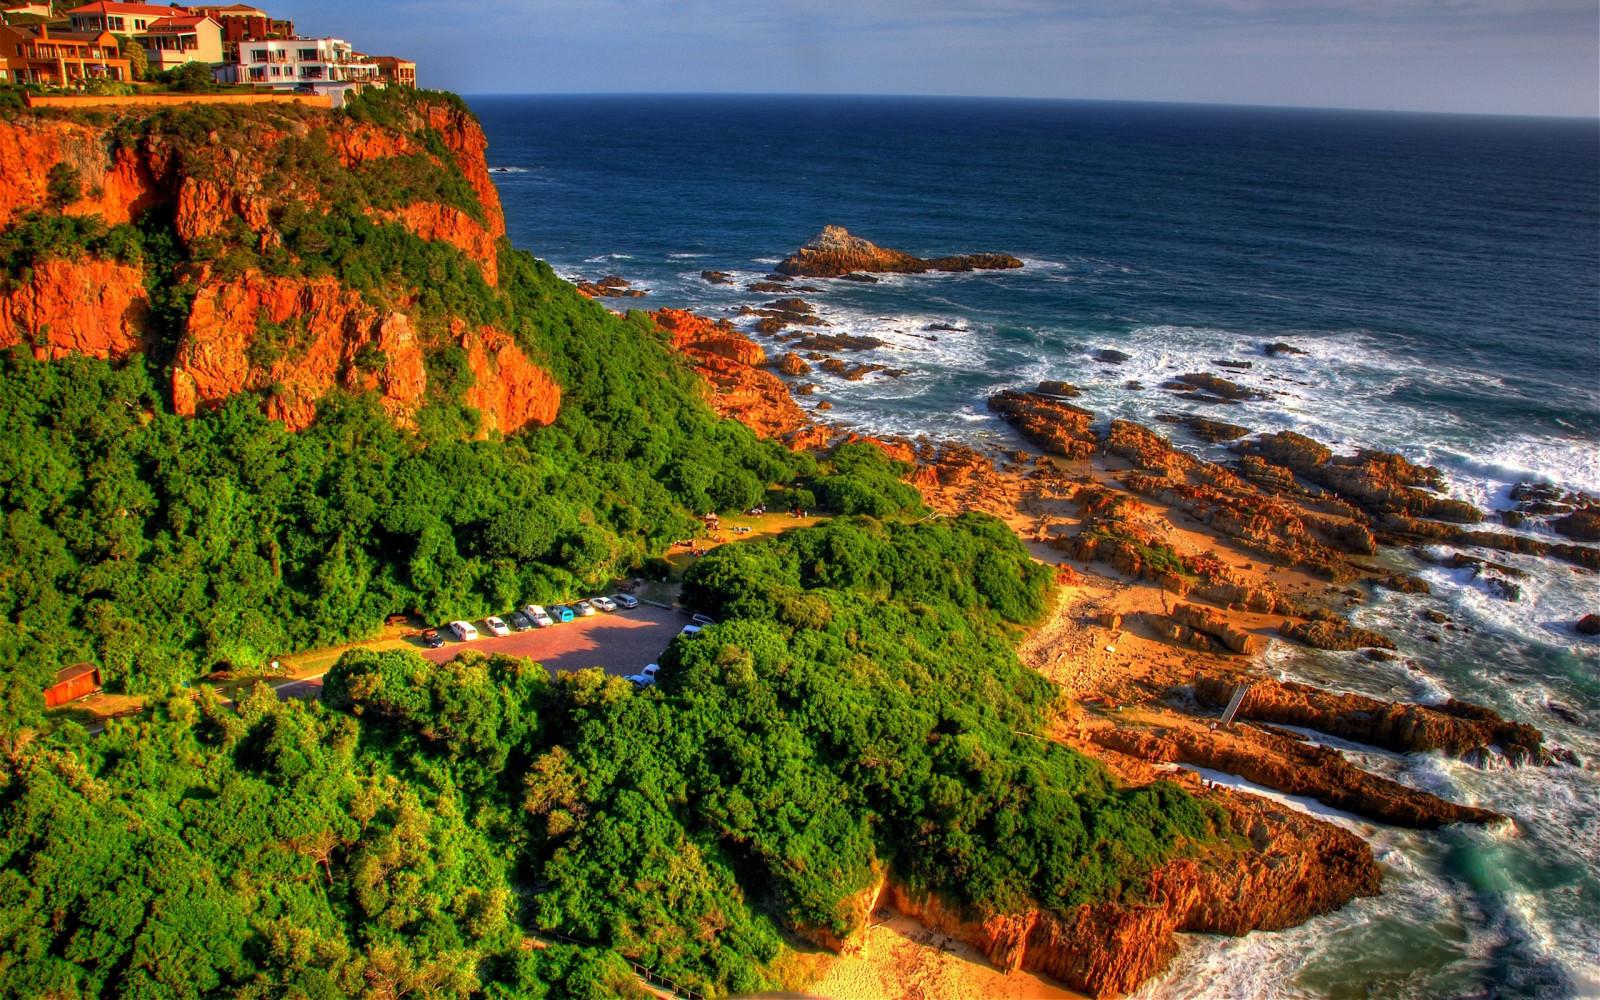 картинок красивые картинки африканского побережья достопримечательности